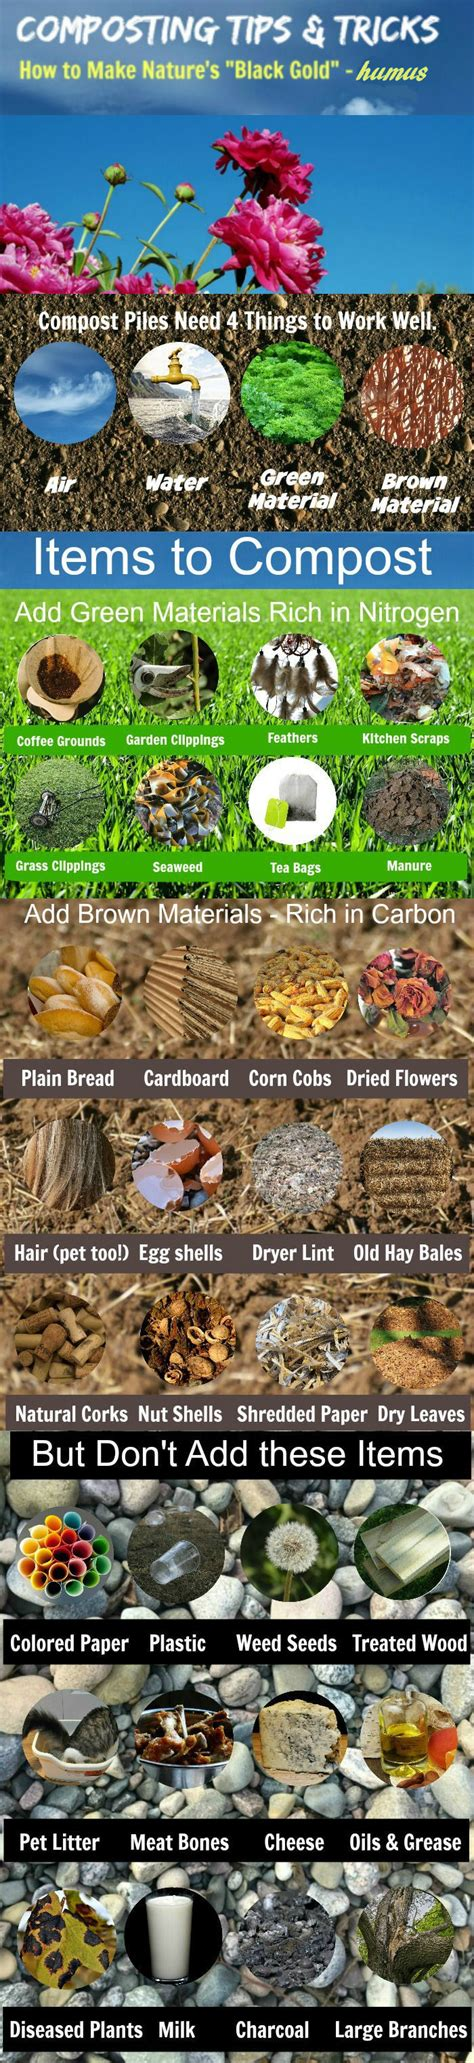 composting tips tricks  making mother natures black gold